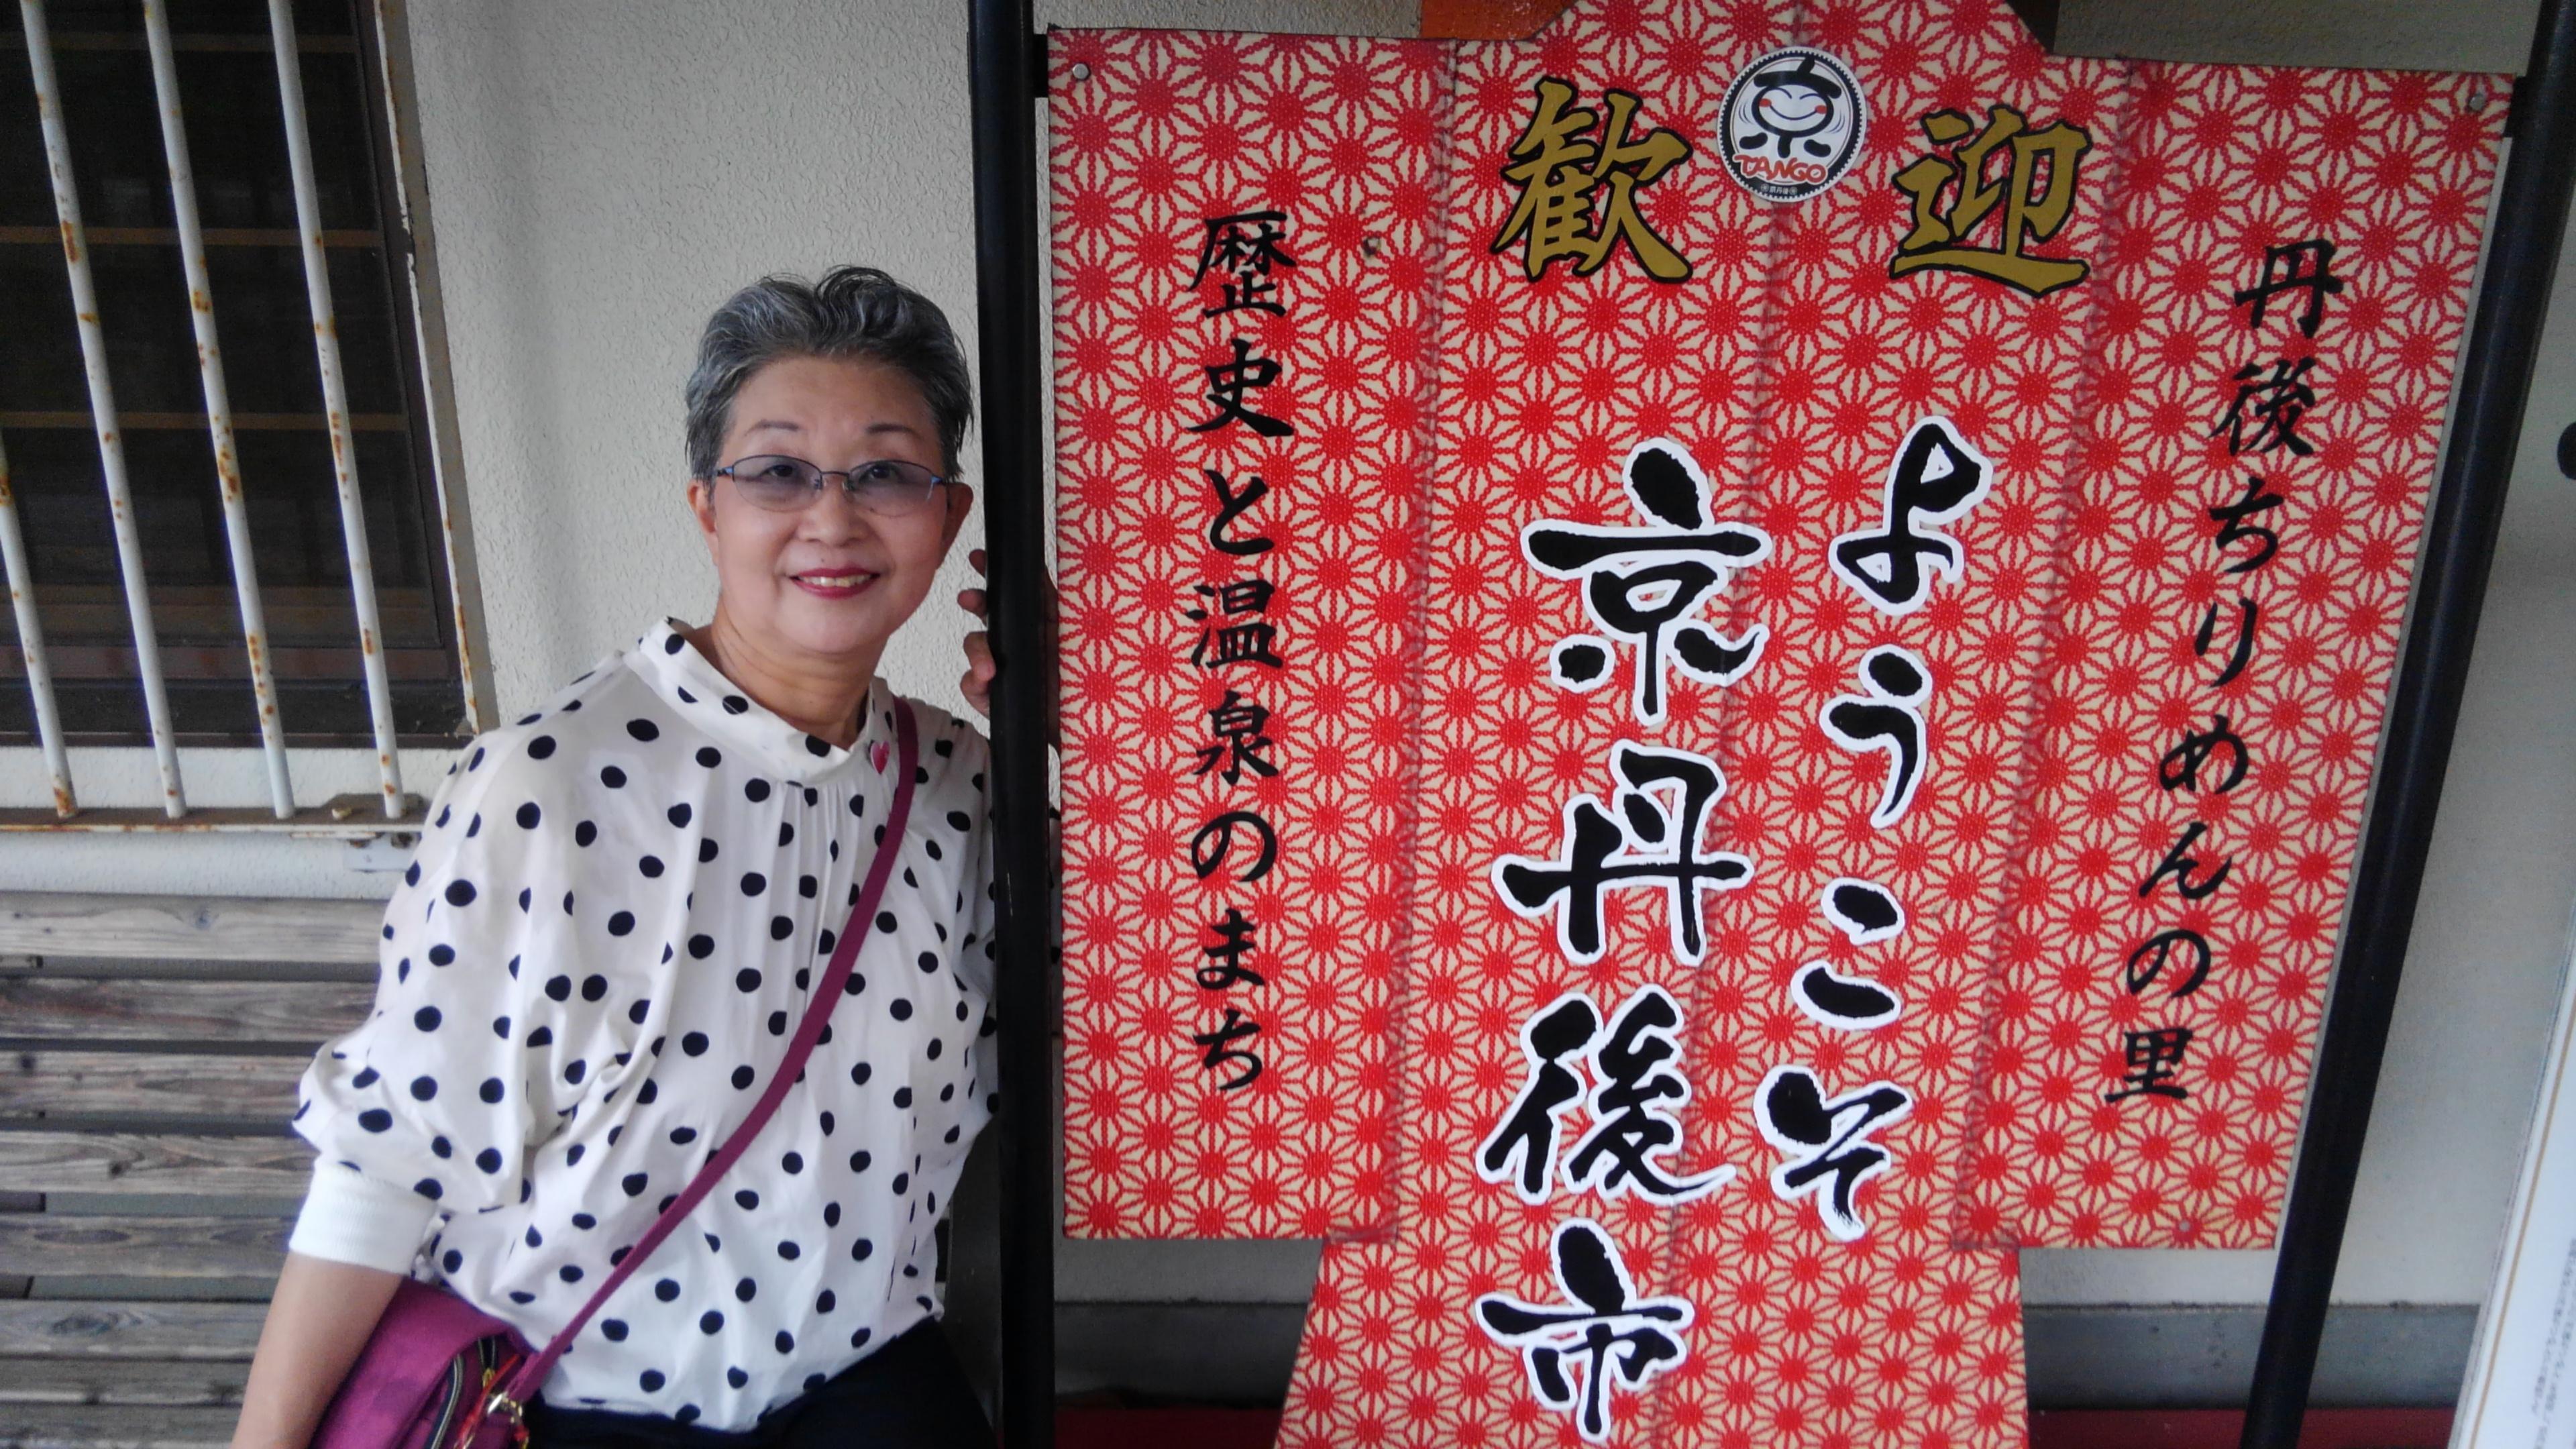 京丹後市の社会福祉協議会主催の婚活支援センター「出会いは京丹後」の婚活新任研修の講演を依頼されました💕